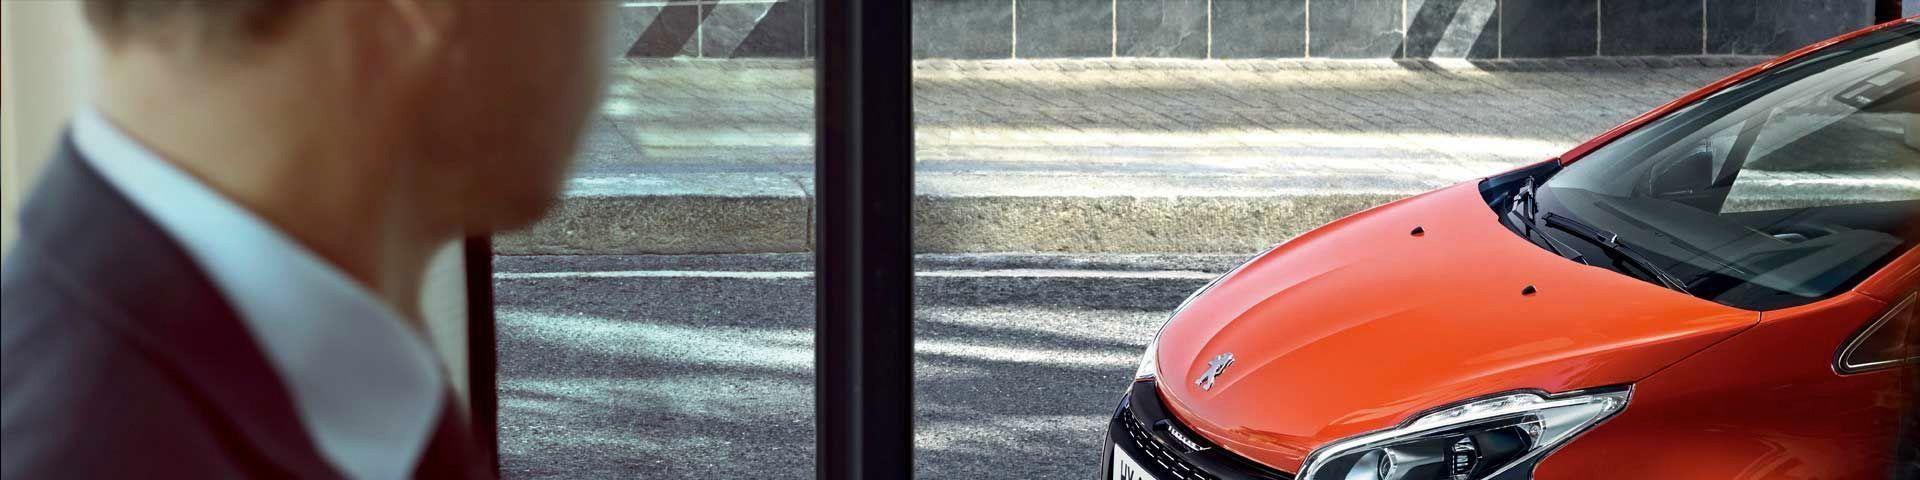 Autodisa, Concesionario Oficial Peugeot en Manises y Valencia